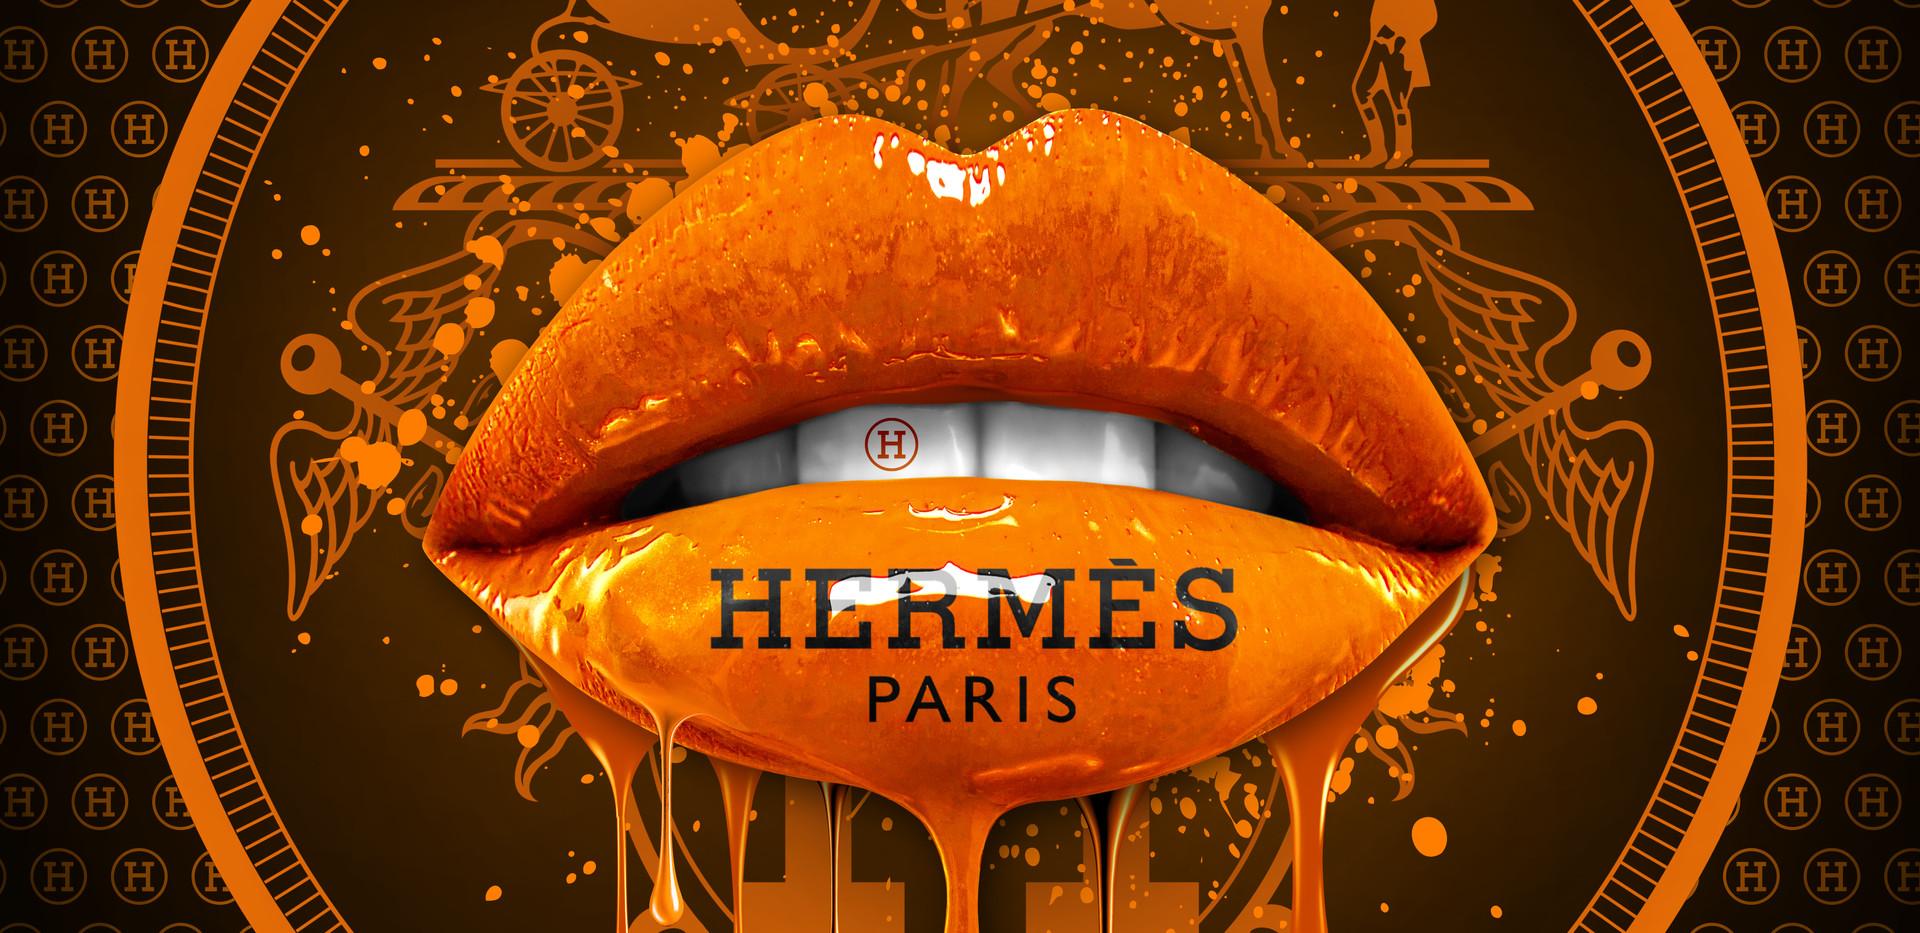 Bouche HERMES ok.jpg